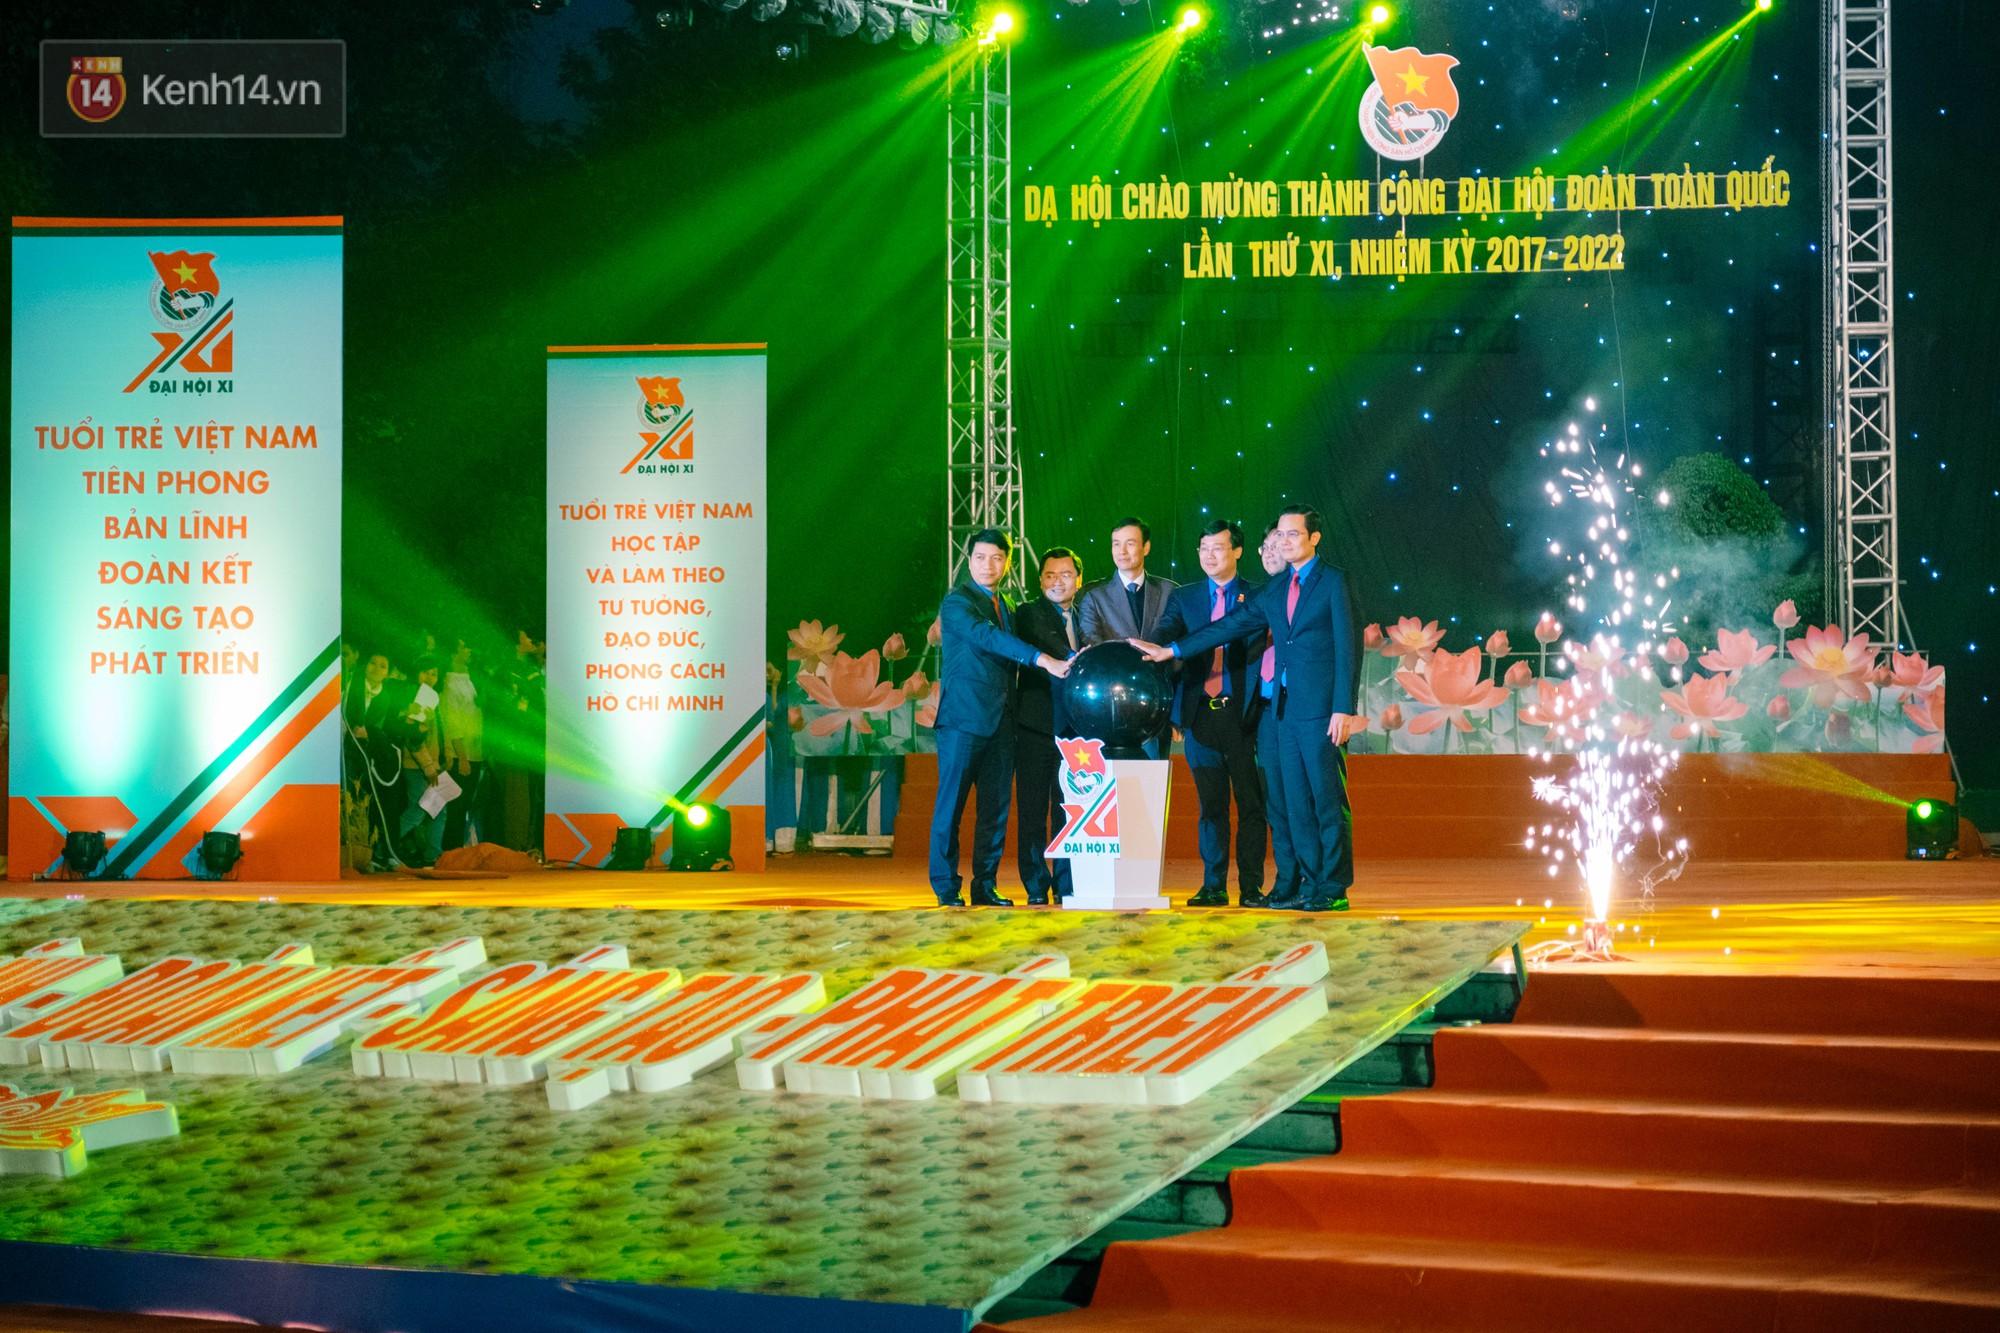 Dạ hội chào mừng thành công Đại hội Đoàn toàn quốc với màn hợp xướng 50 SV cực hoành tráng - Ảnh 3.